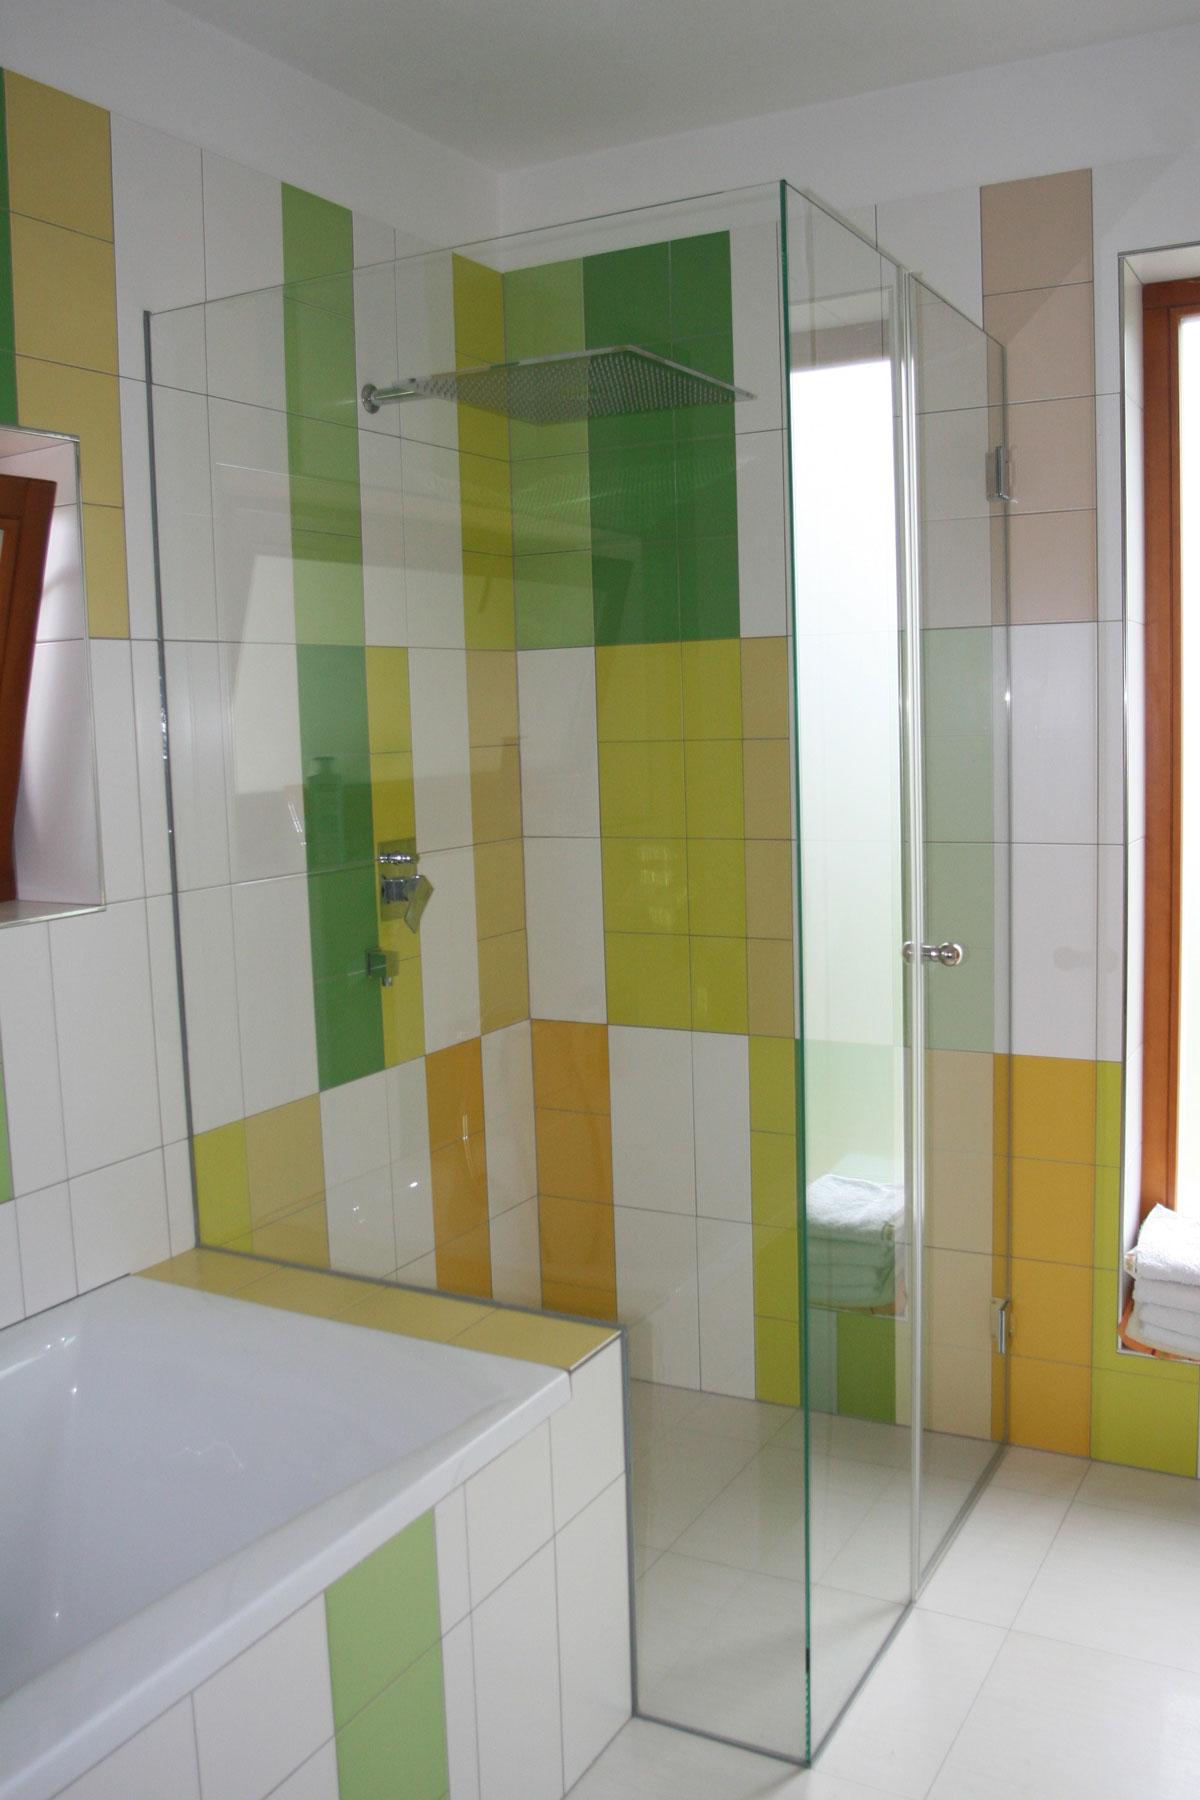 Sklenarstvi-Prerost-sprchove- kouty-a-sprchy (15)